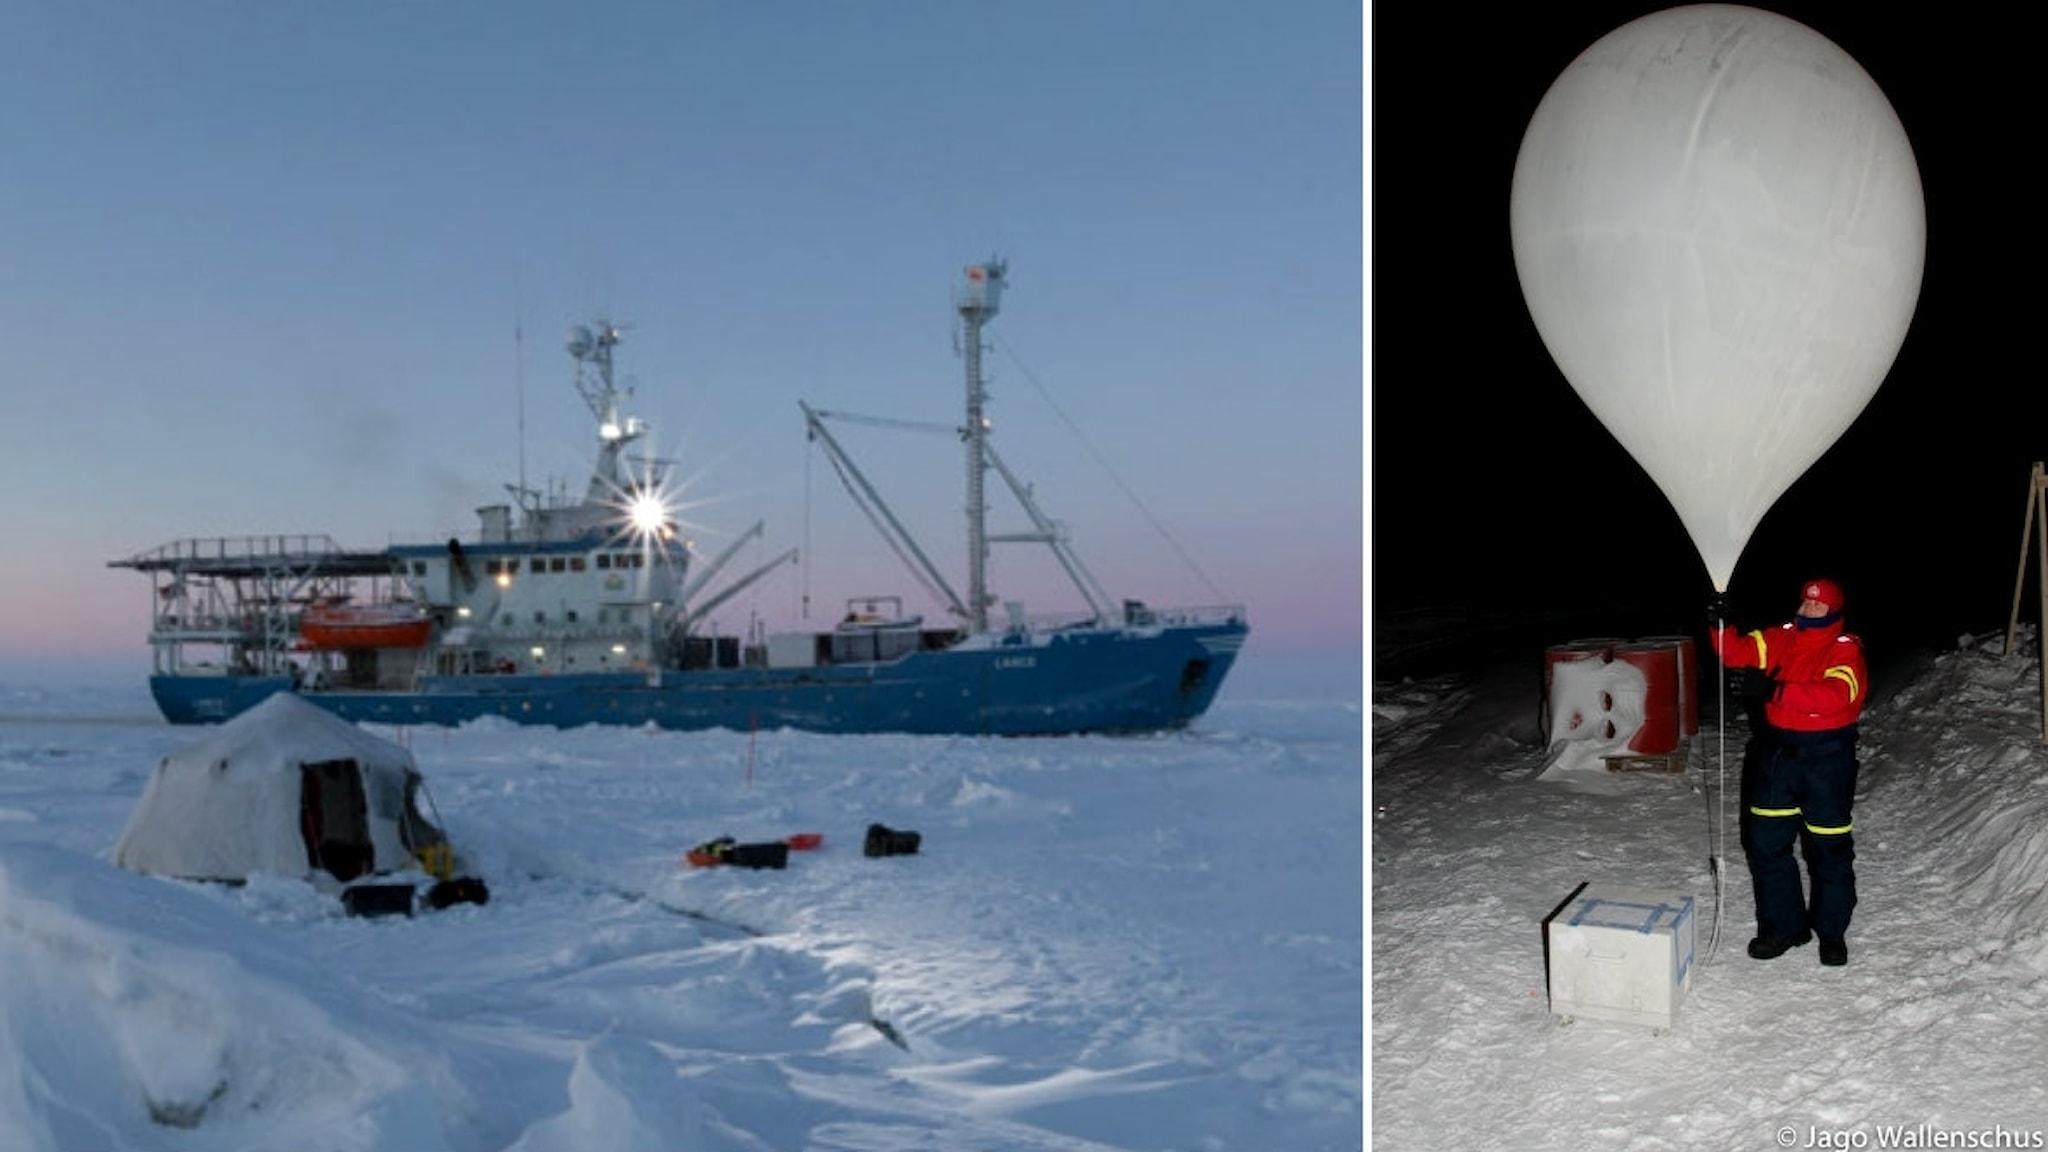 delad bild: ett fartyg omgivet av is och snö och en forskningsballong